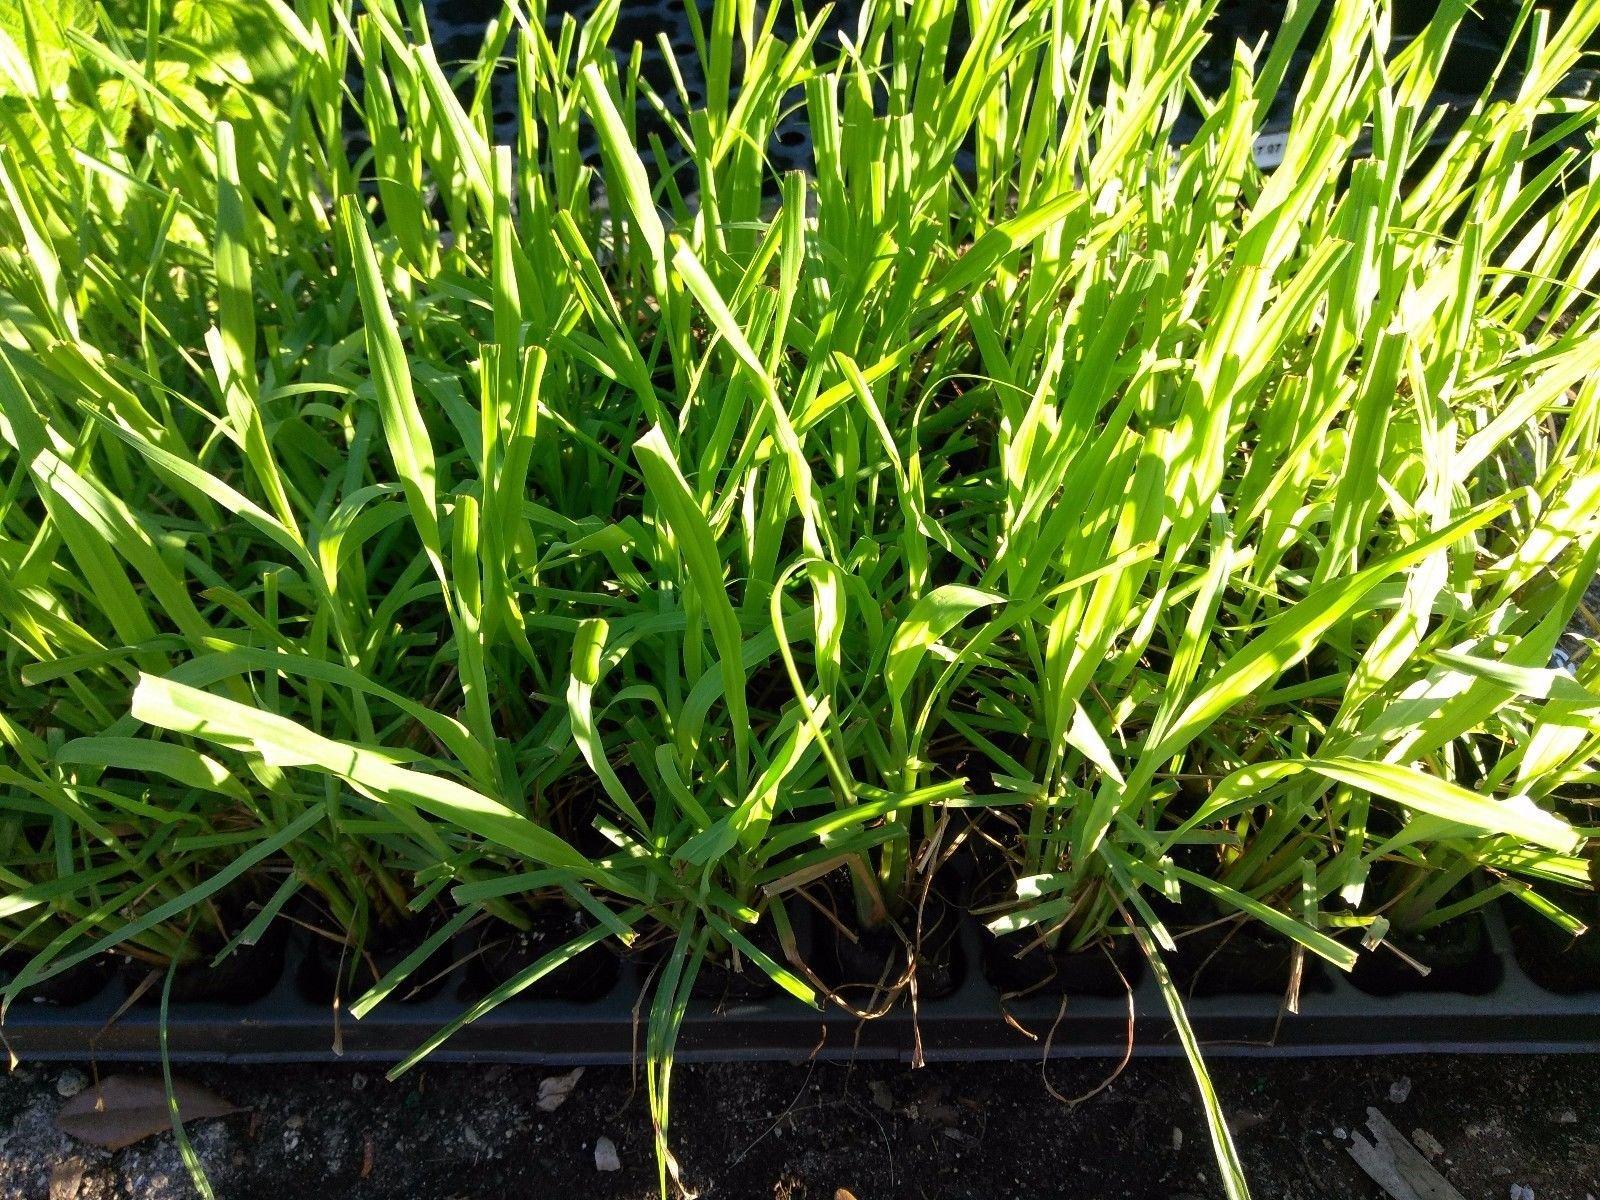 LEMON GRASS - MOSQUITO GRASS - HERB - 20 PLANTS - LIVE PLANTS - 2'' POTS